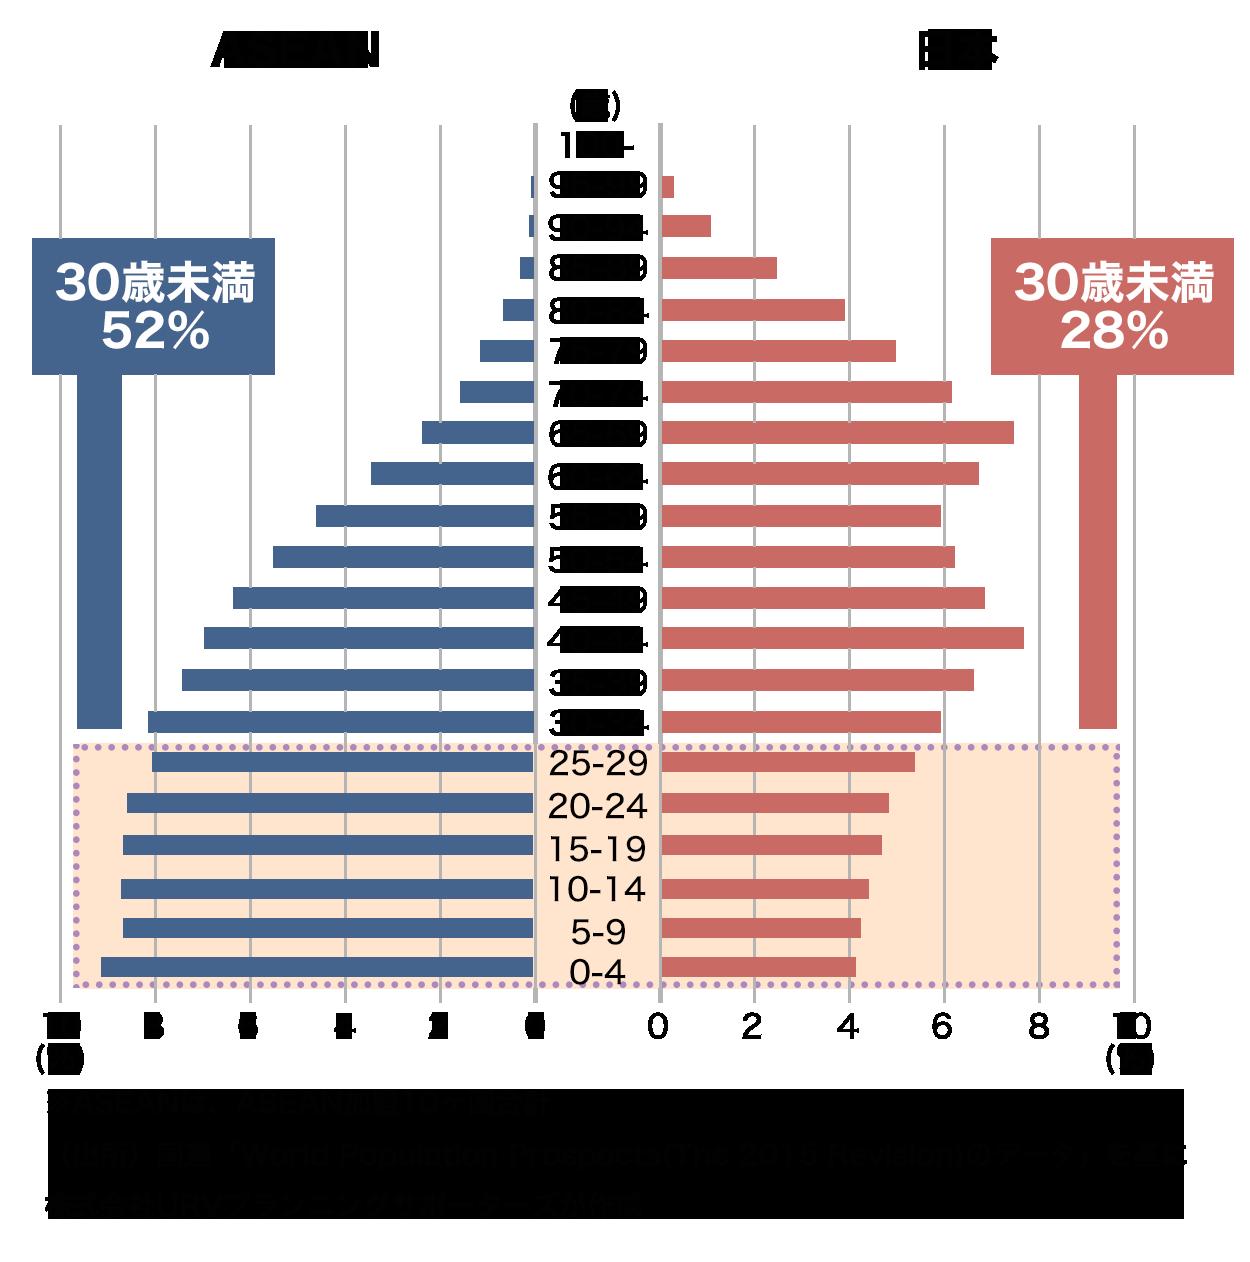 ASEANと日本の年齢別人口構成比(2015)